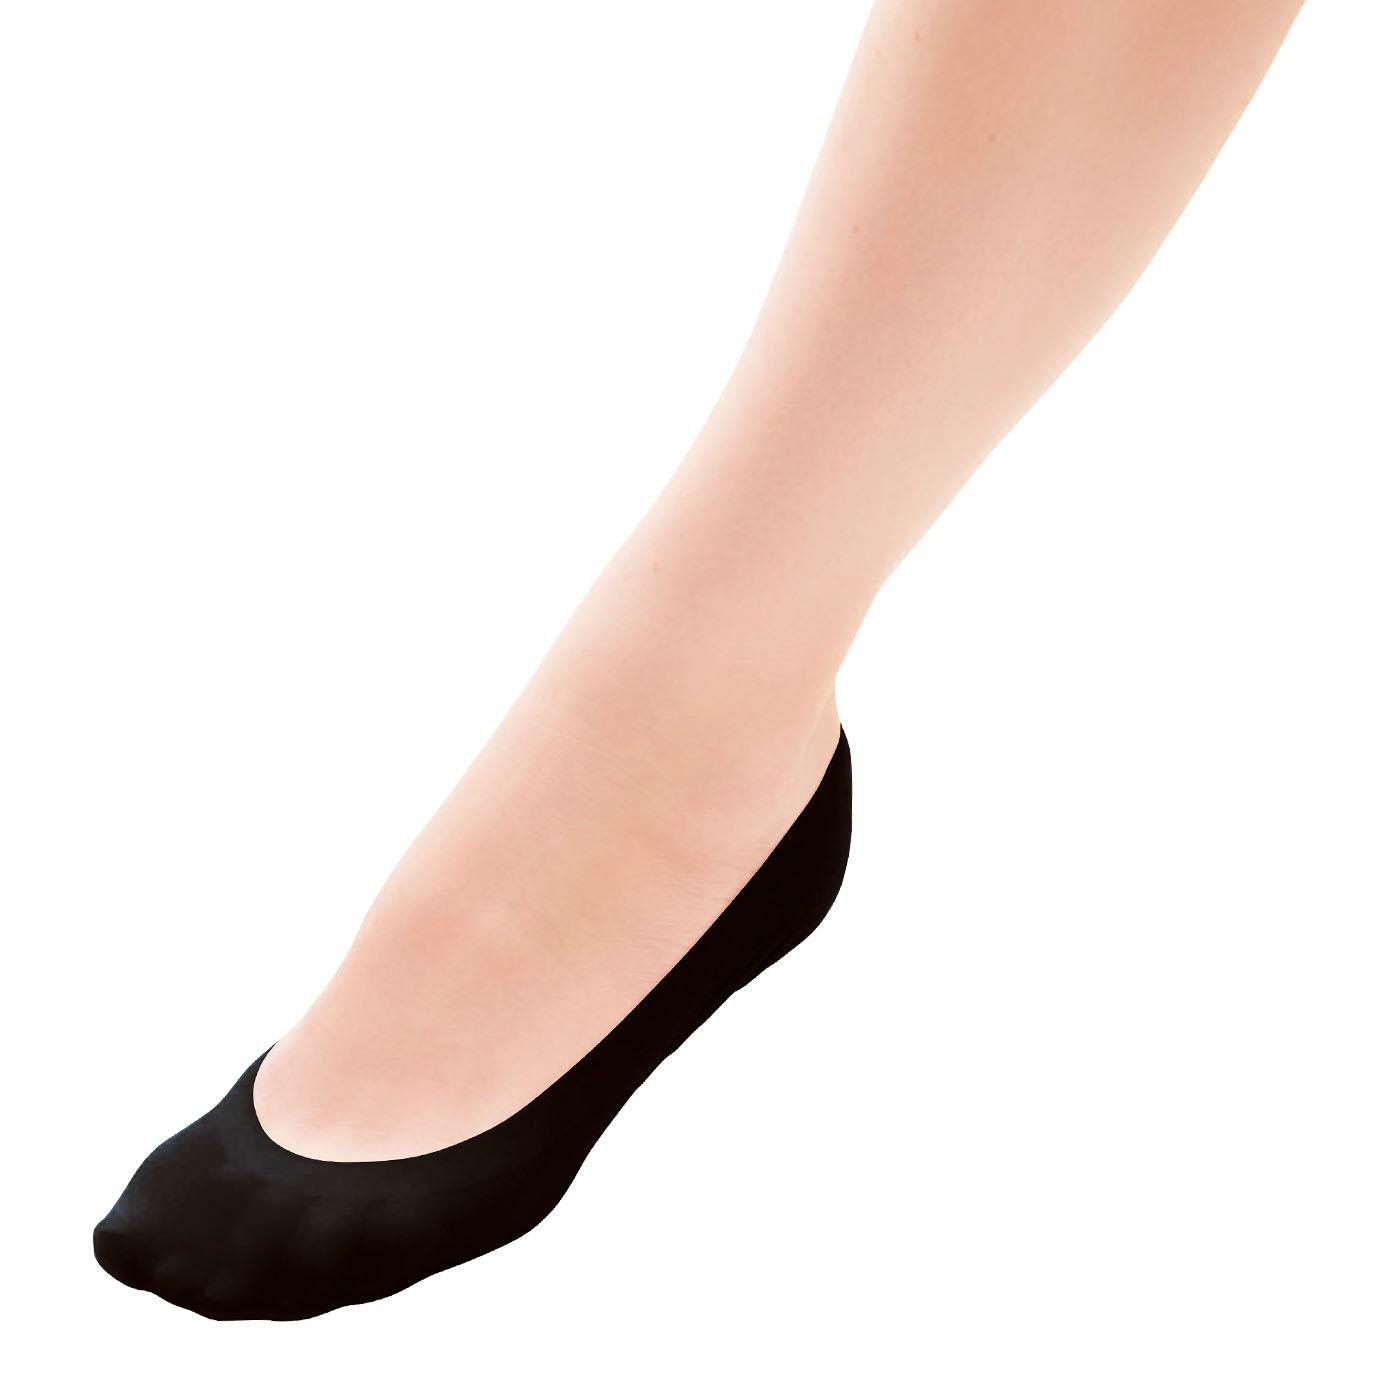 伸縮性のある生地で足にぴったりフィット!